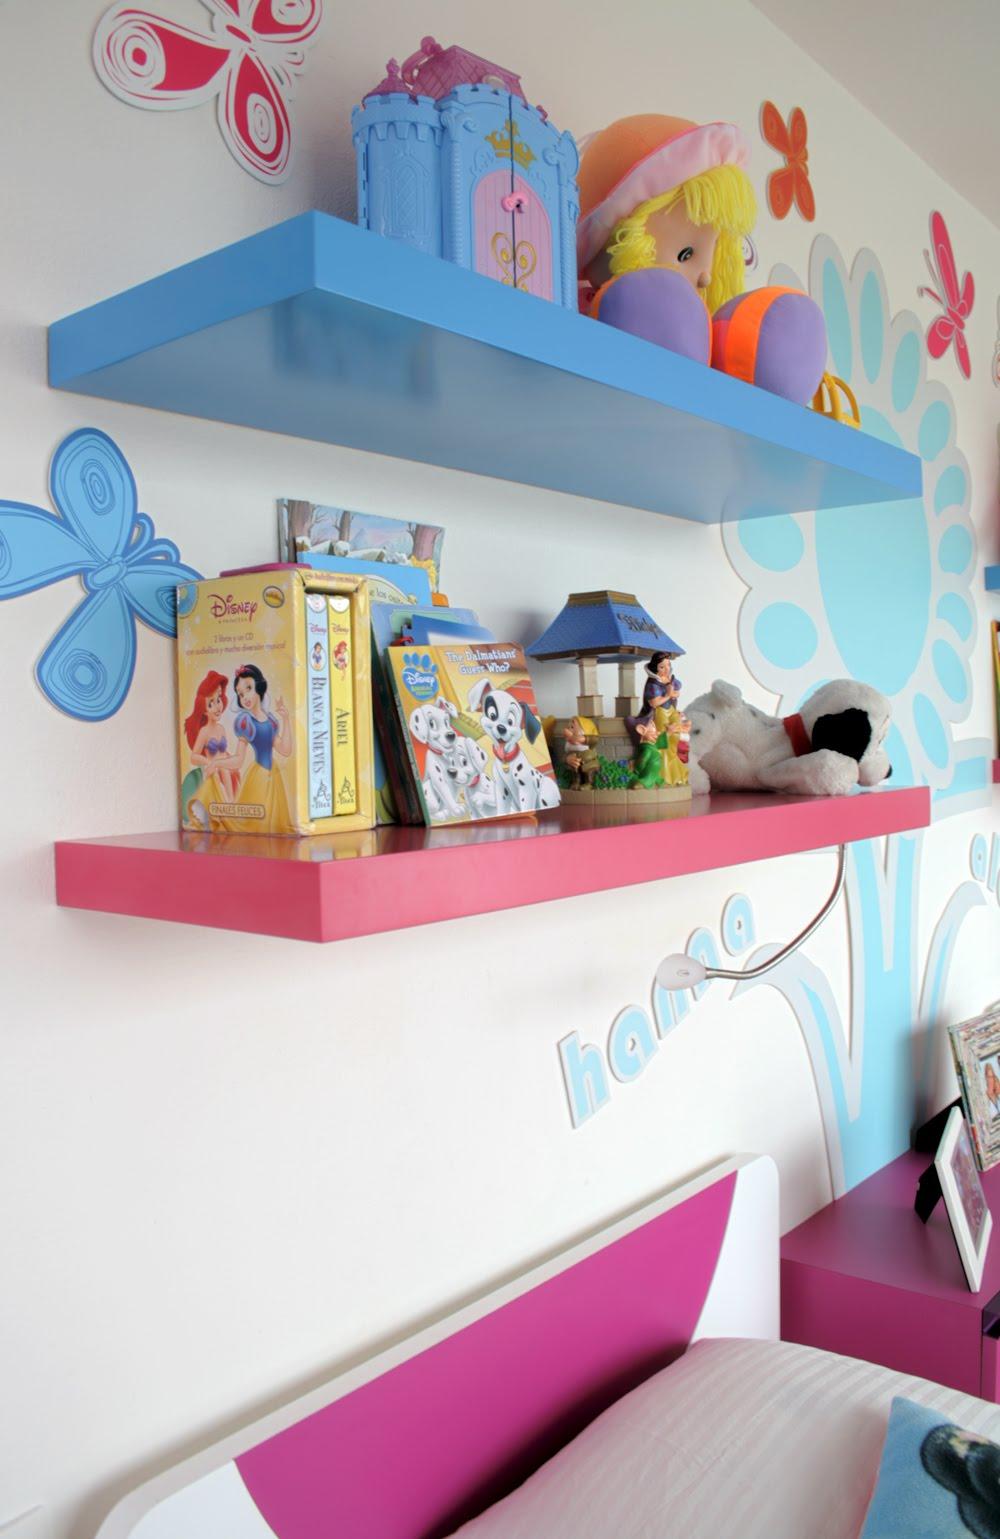 Cubo 3 taller de dise o muebles infantiles habitacion para ni as - Muebles habitacion infantil ...